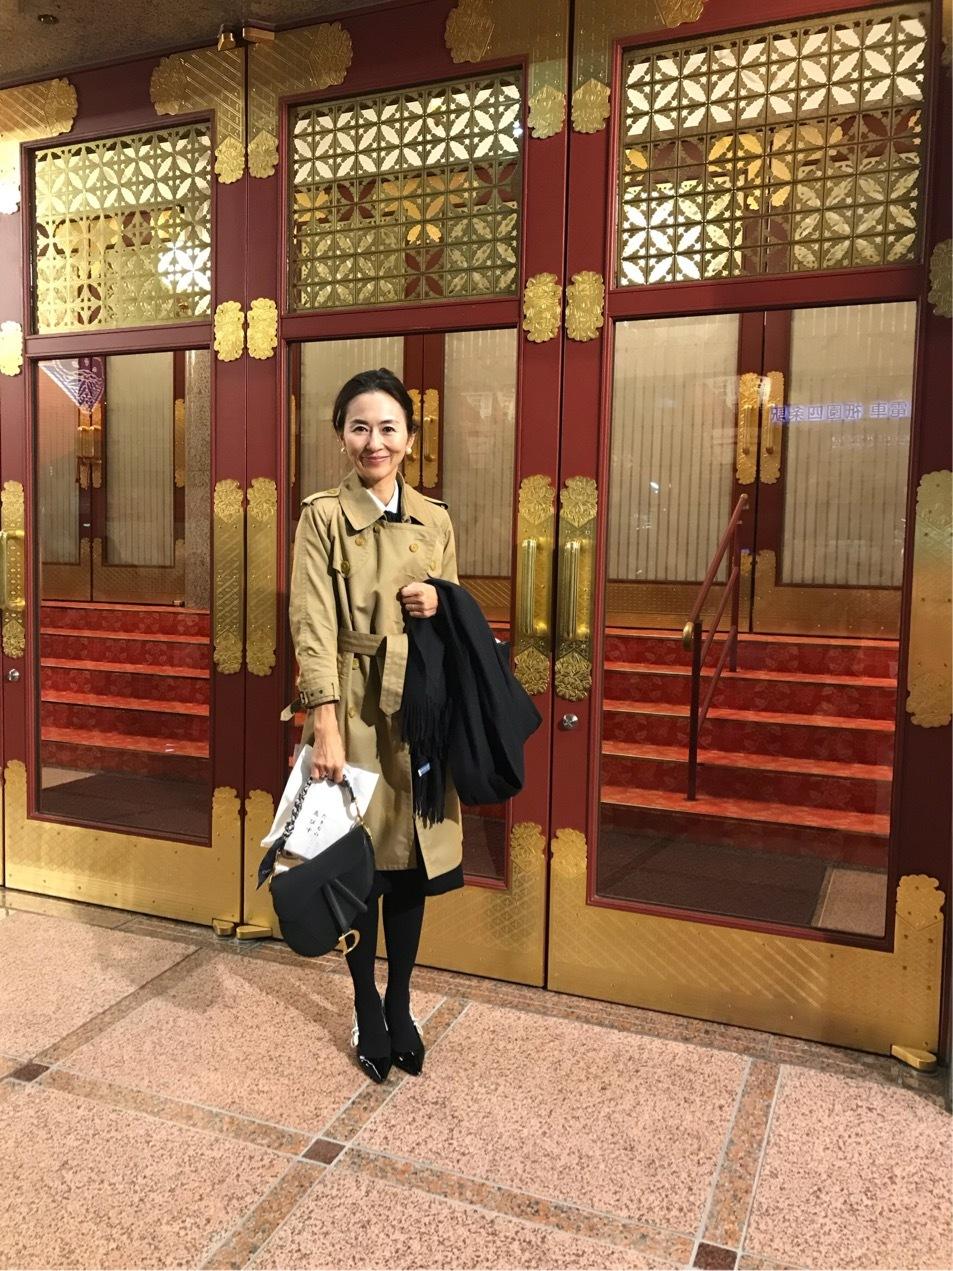 お気に入りのトレンチコートで京都へ♪_1_6-3